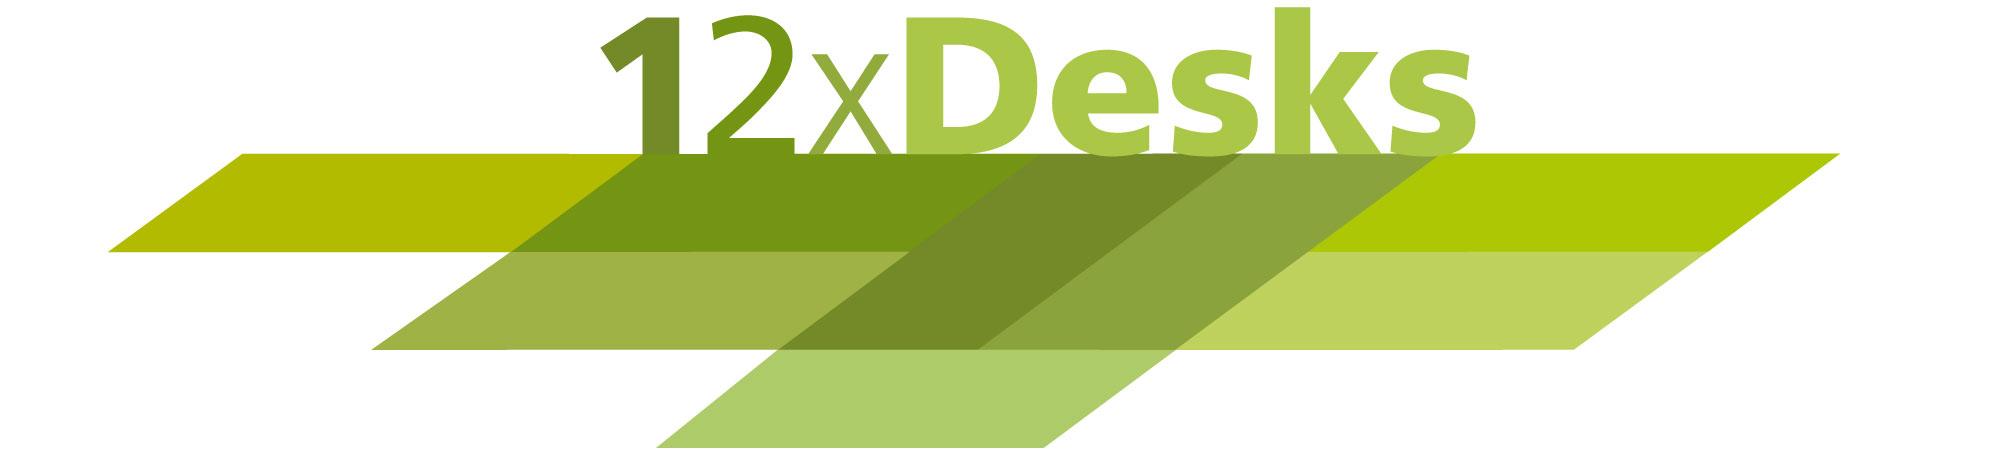 12xDesks